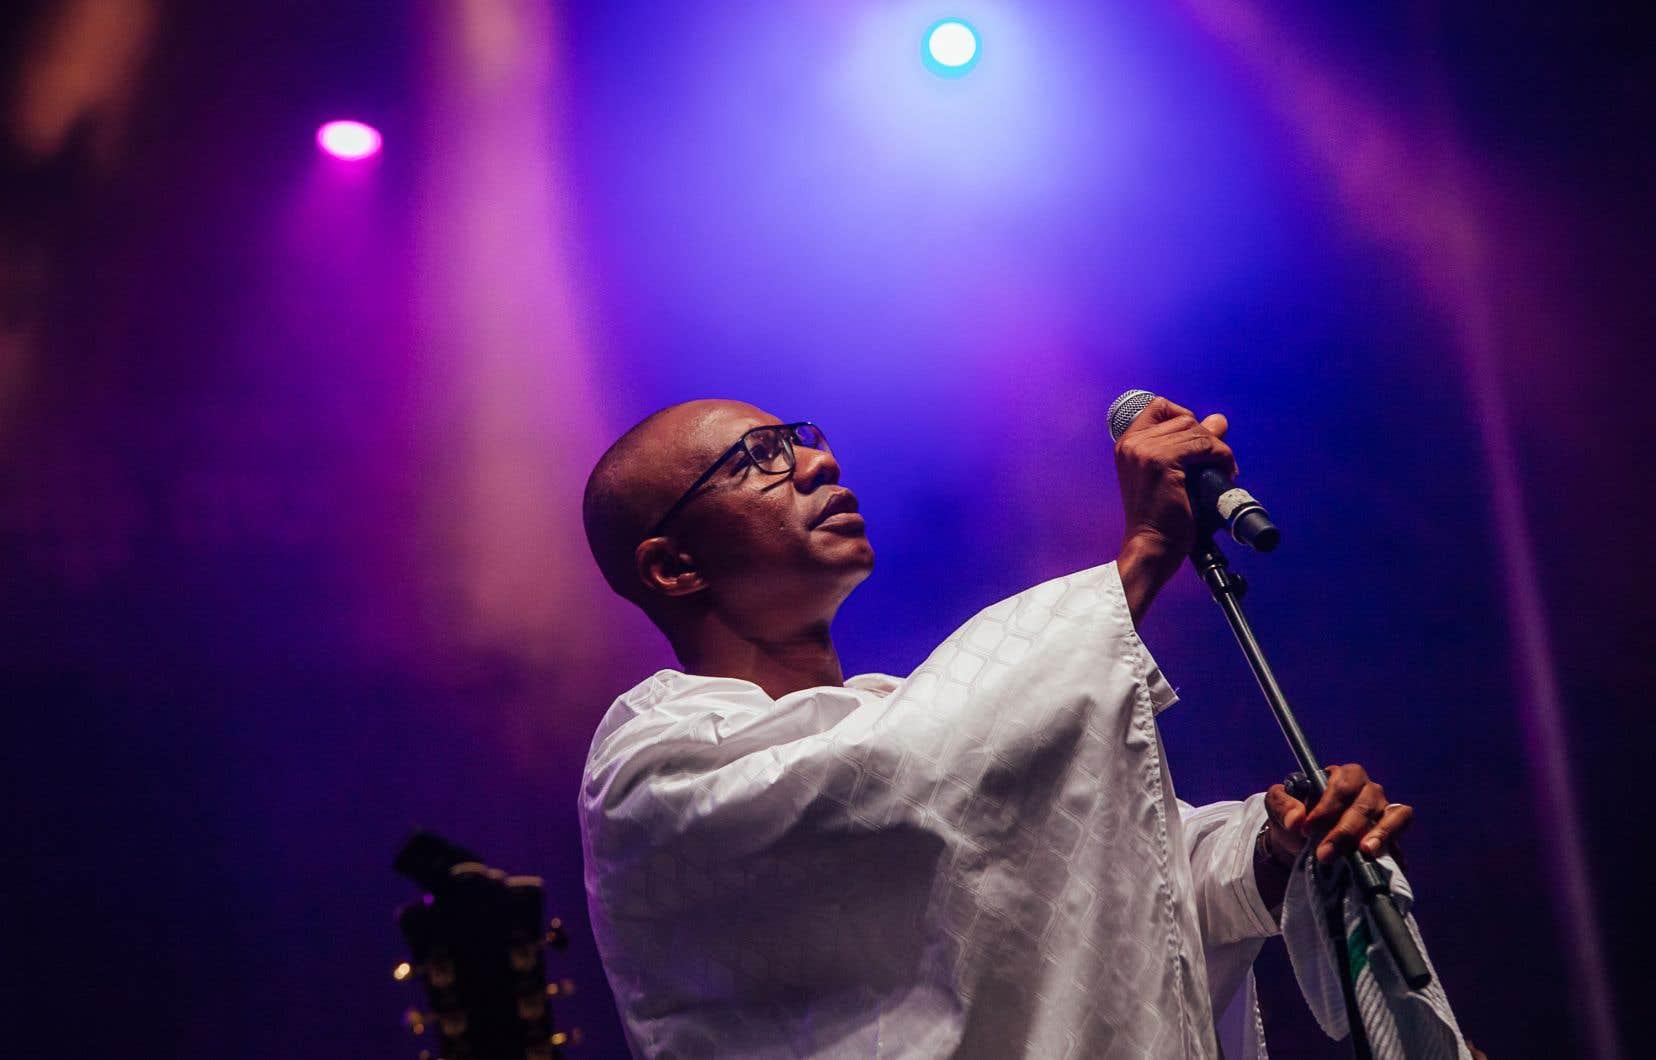 Quand Sékouba Diabaté, dit Bambino, est arrivé sur scène, c'était pour le grand moment de clôture, et tout le monde a pu en profiter comme il se devait.